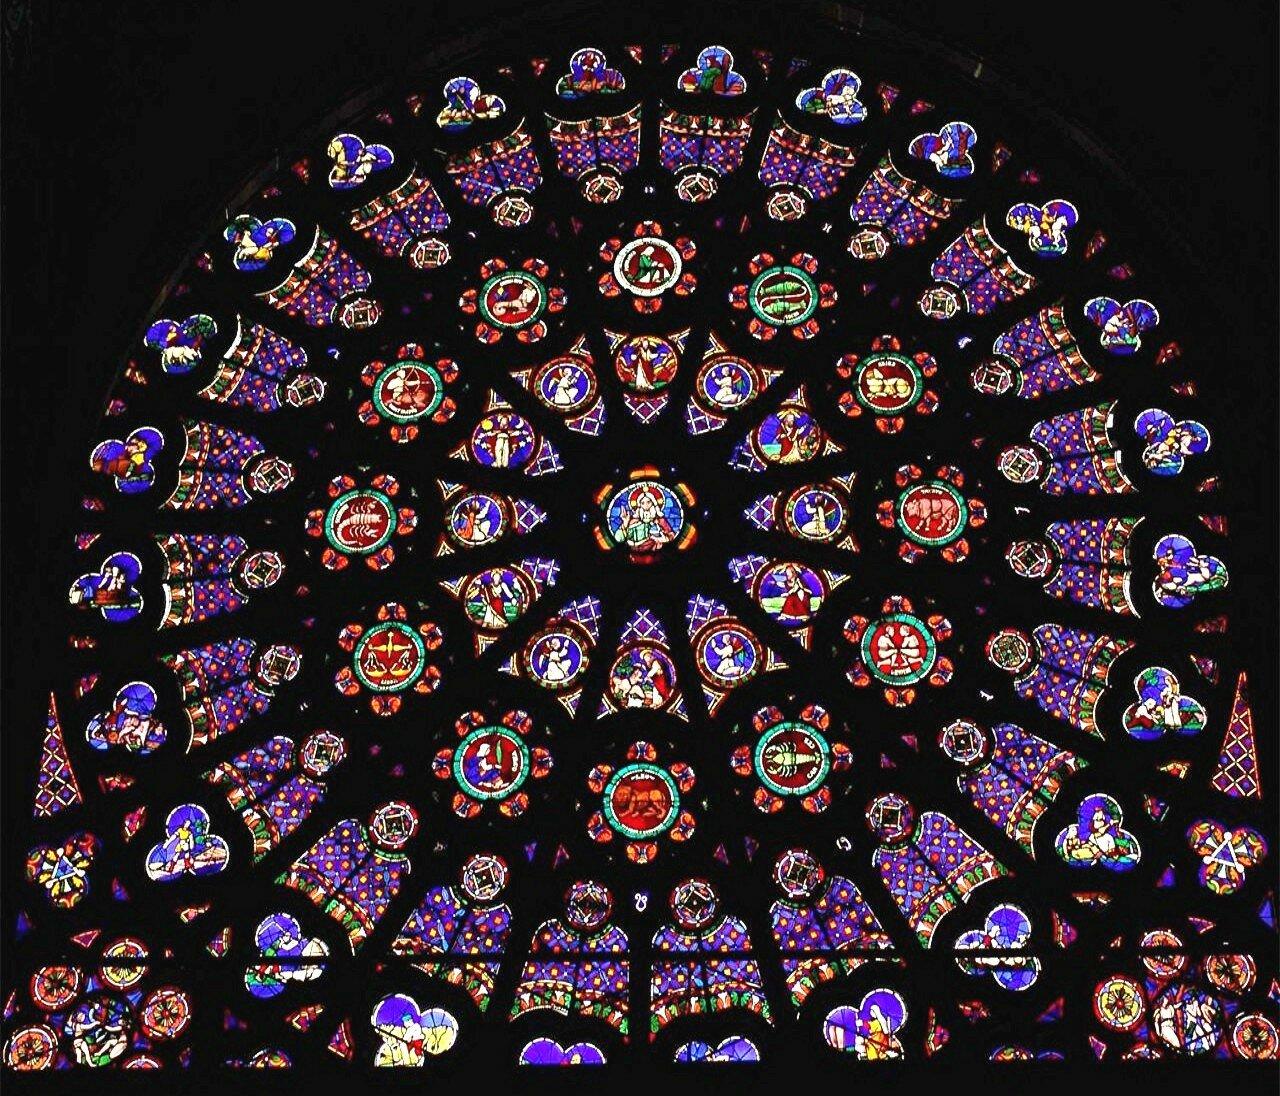 Widok na północną rozetę wkościele Saint Denis, zespół Stworzenia Źródło: TTaylor, Widok na północną rozetę wkościele Saint Denis, zespół Stworzenia, licencja: CC BY-SA 3.0.